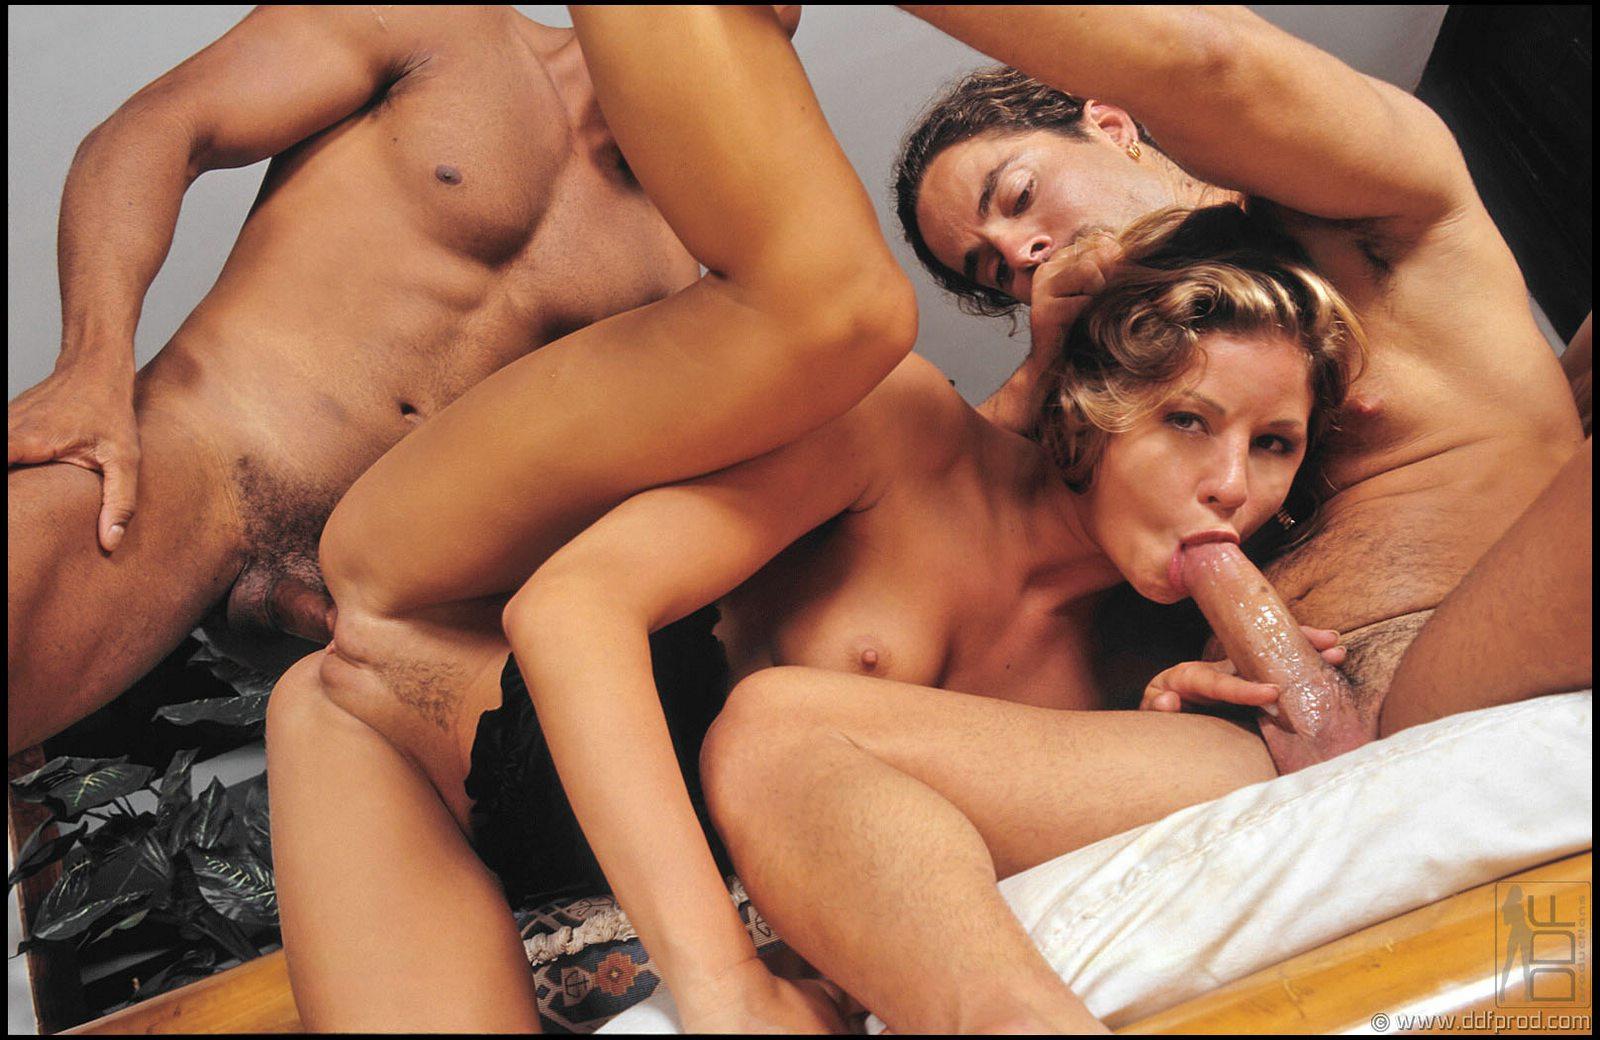 Русский иротический порна 8 фотография